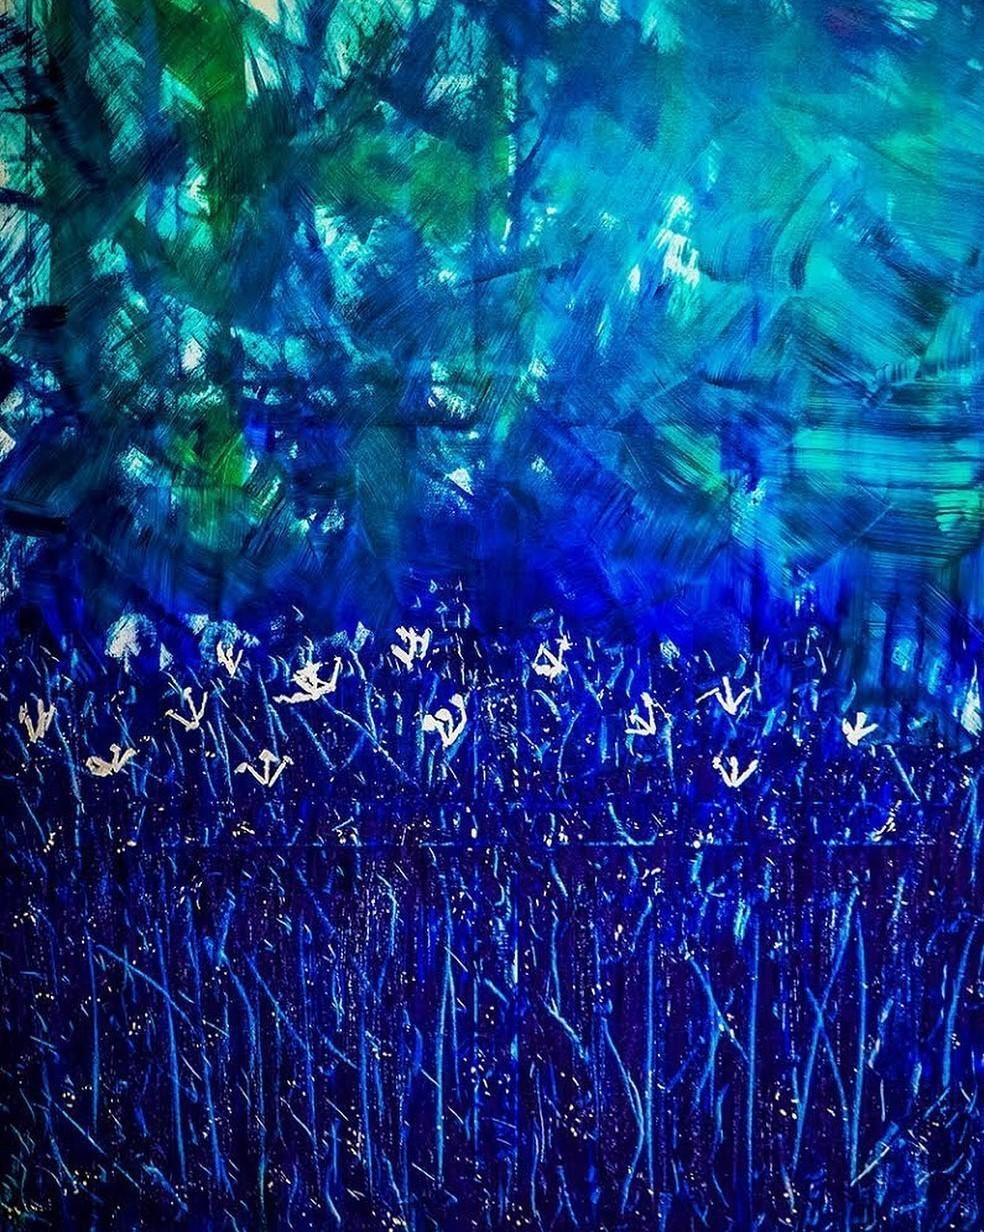 G Kim Hinkson Serenity Original Acrylic Painting 60x48